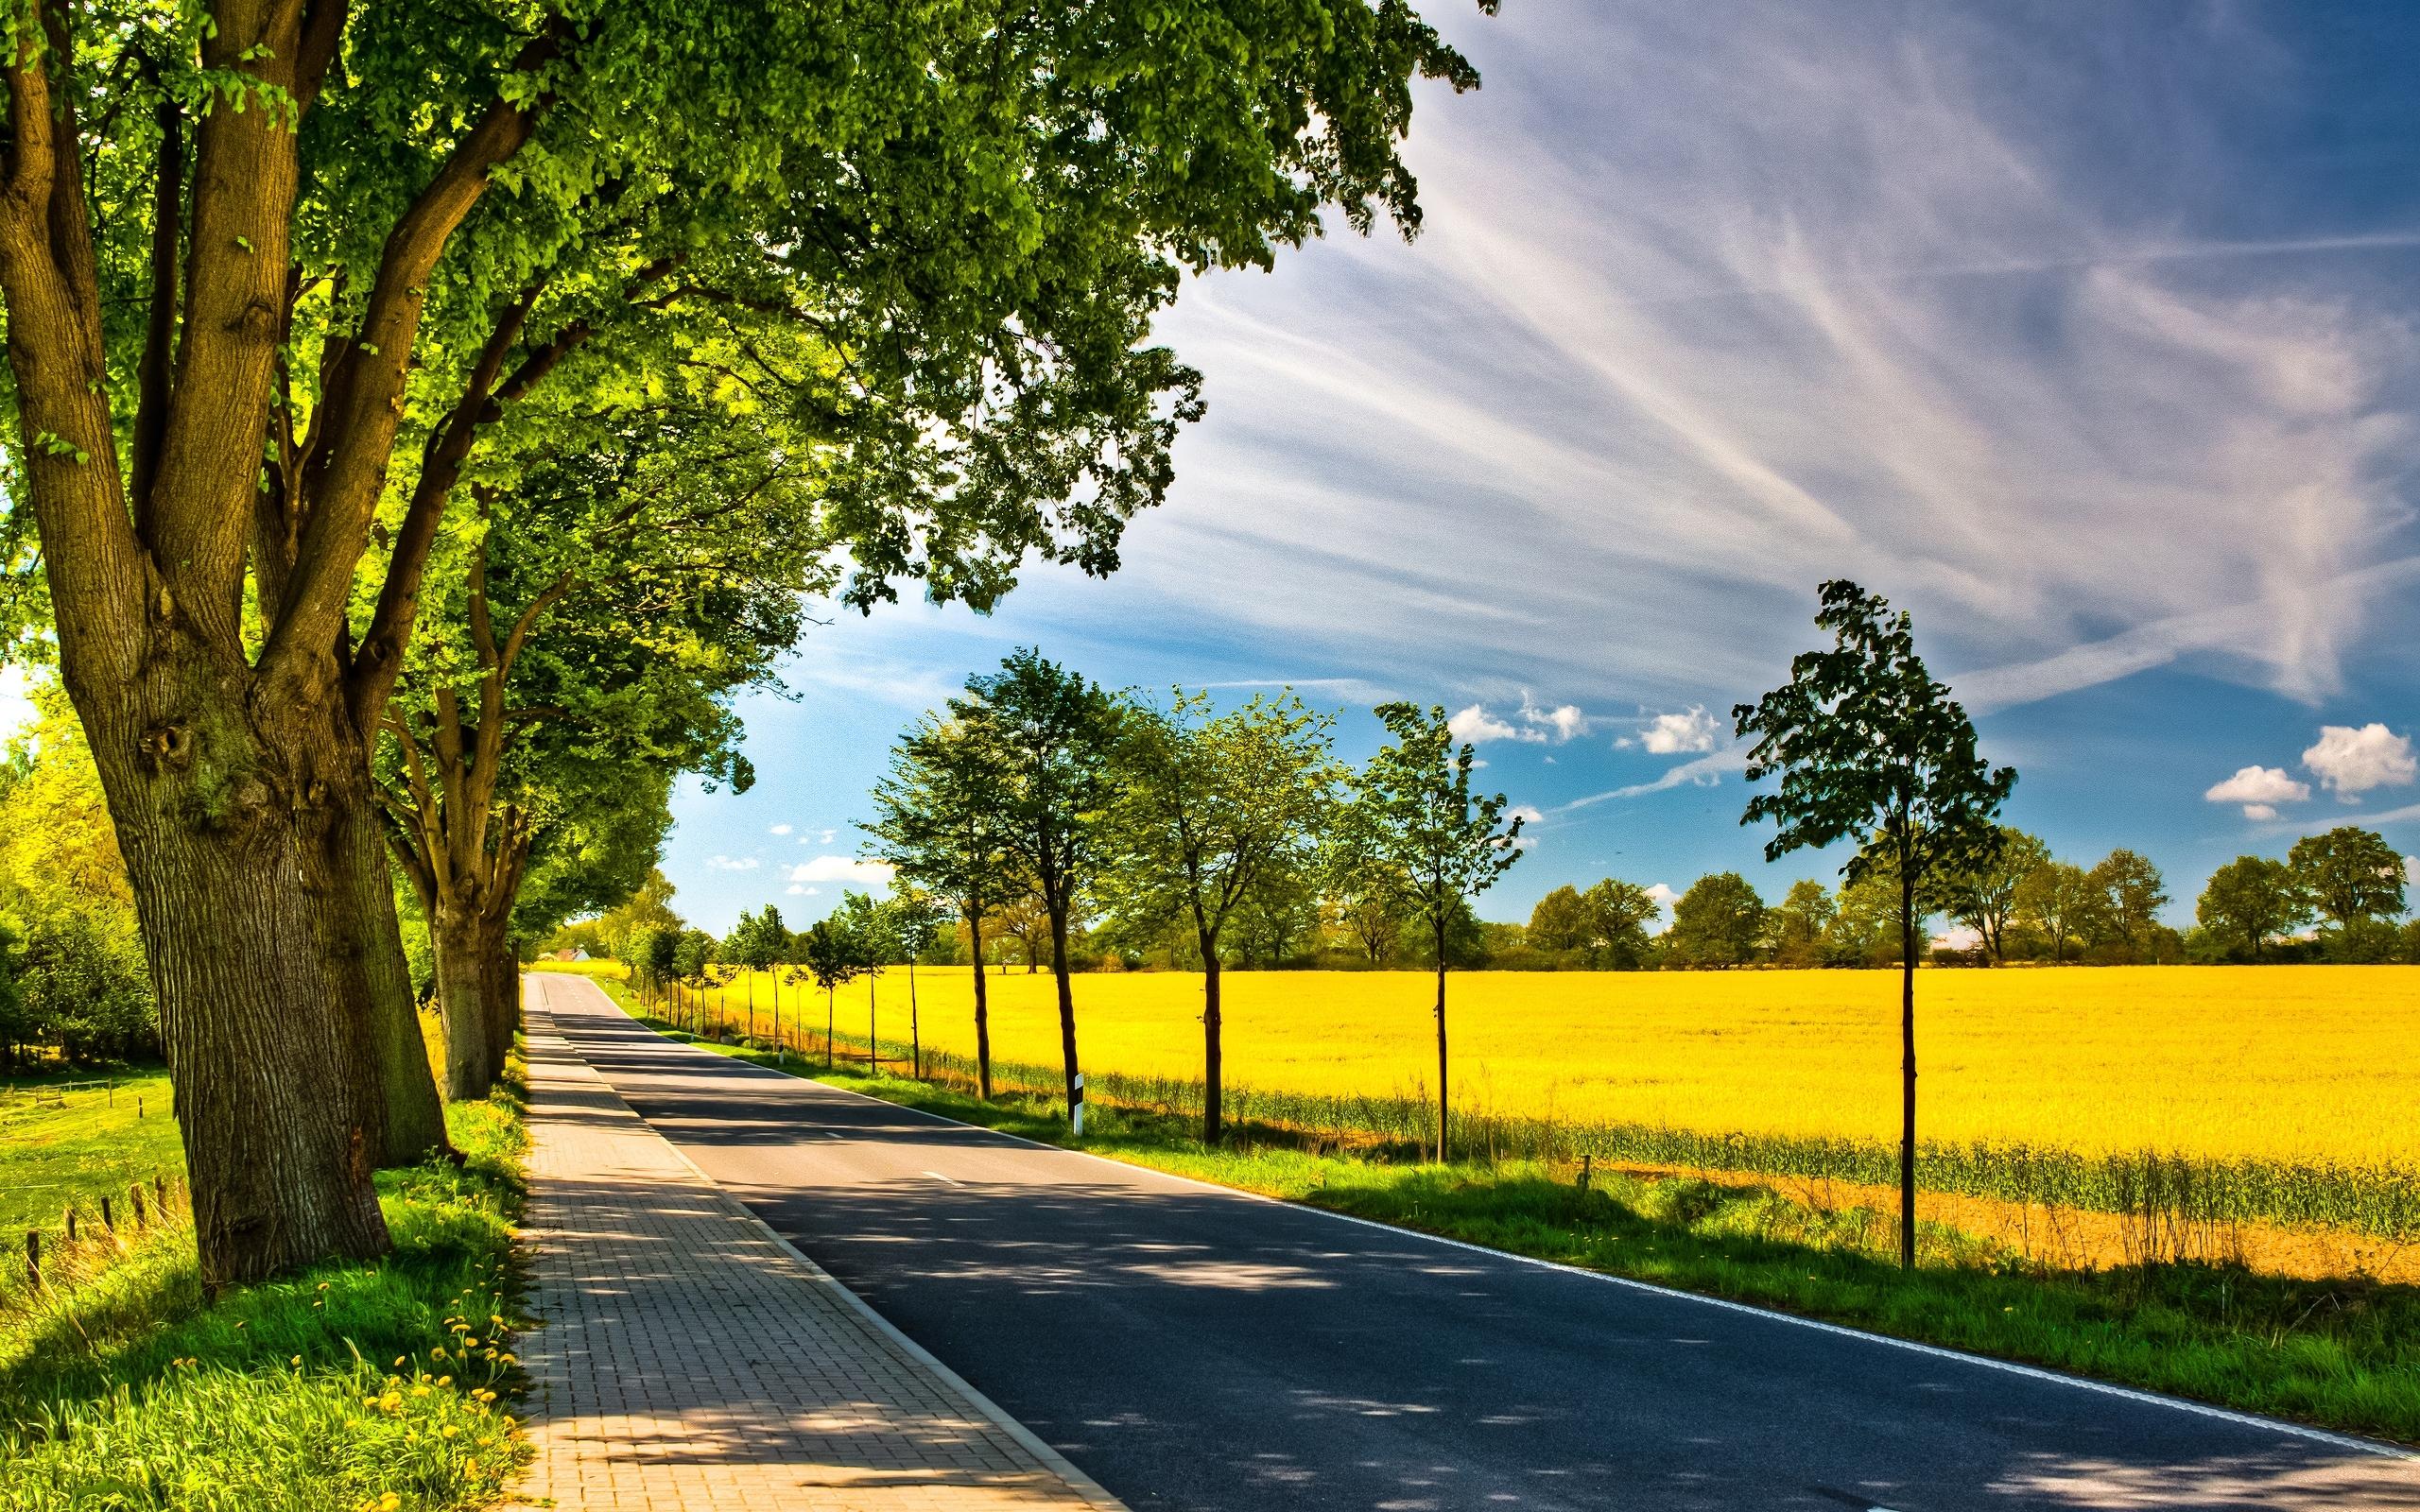 Road HD Wallpaper